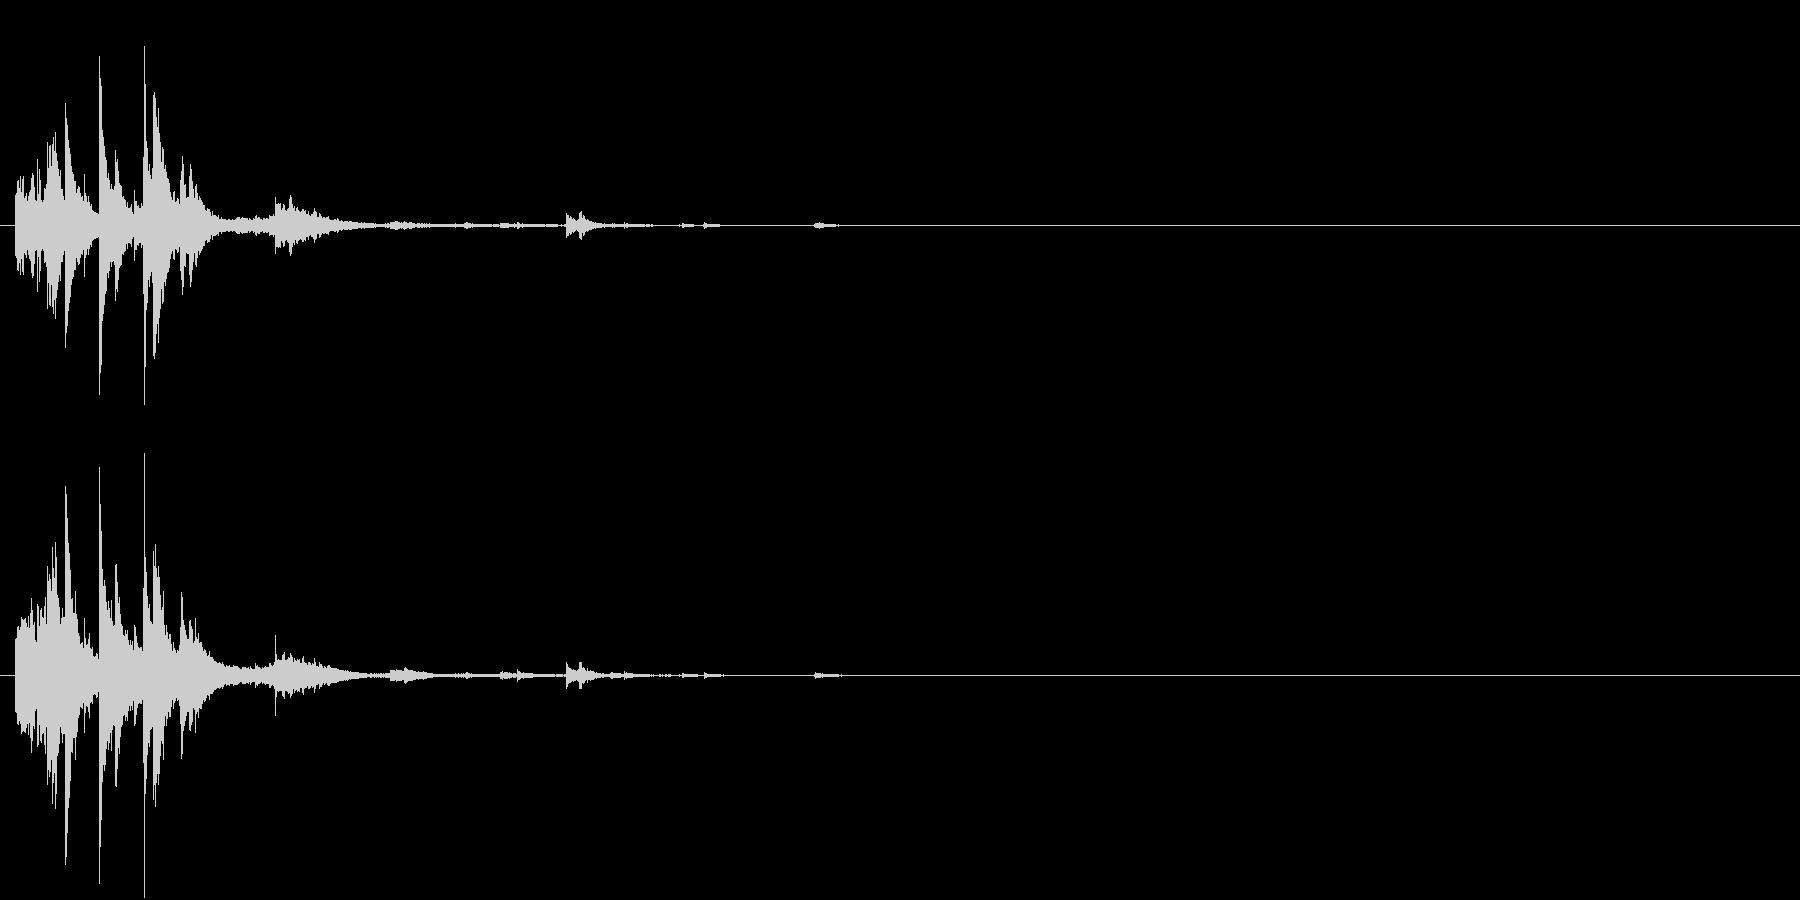 「シャシャーン」象徴的なソリベルの音6の未再生の波形